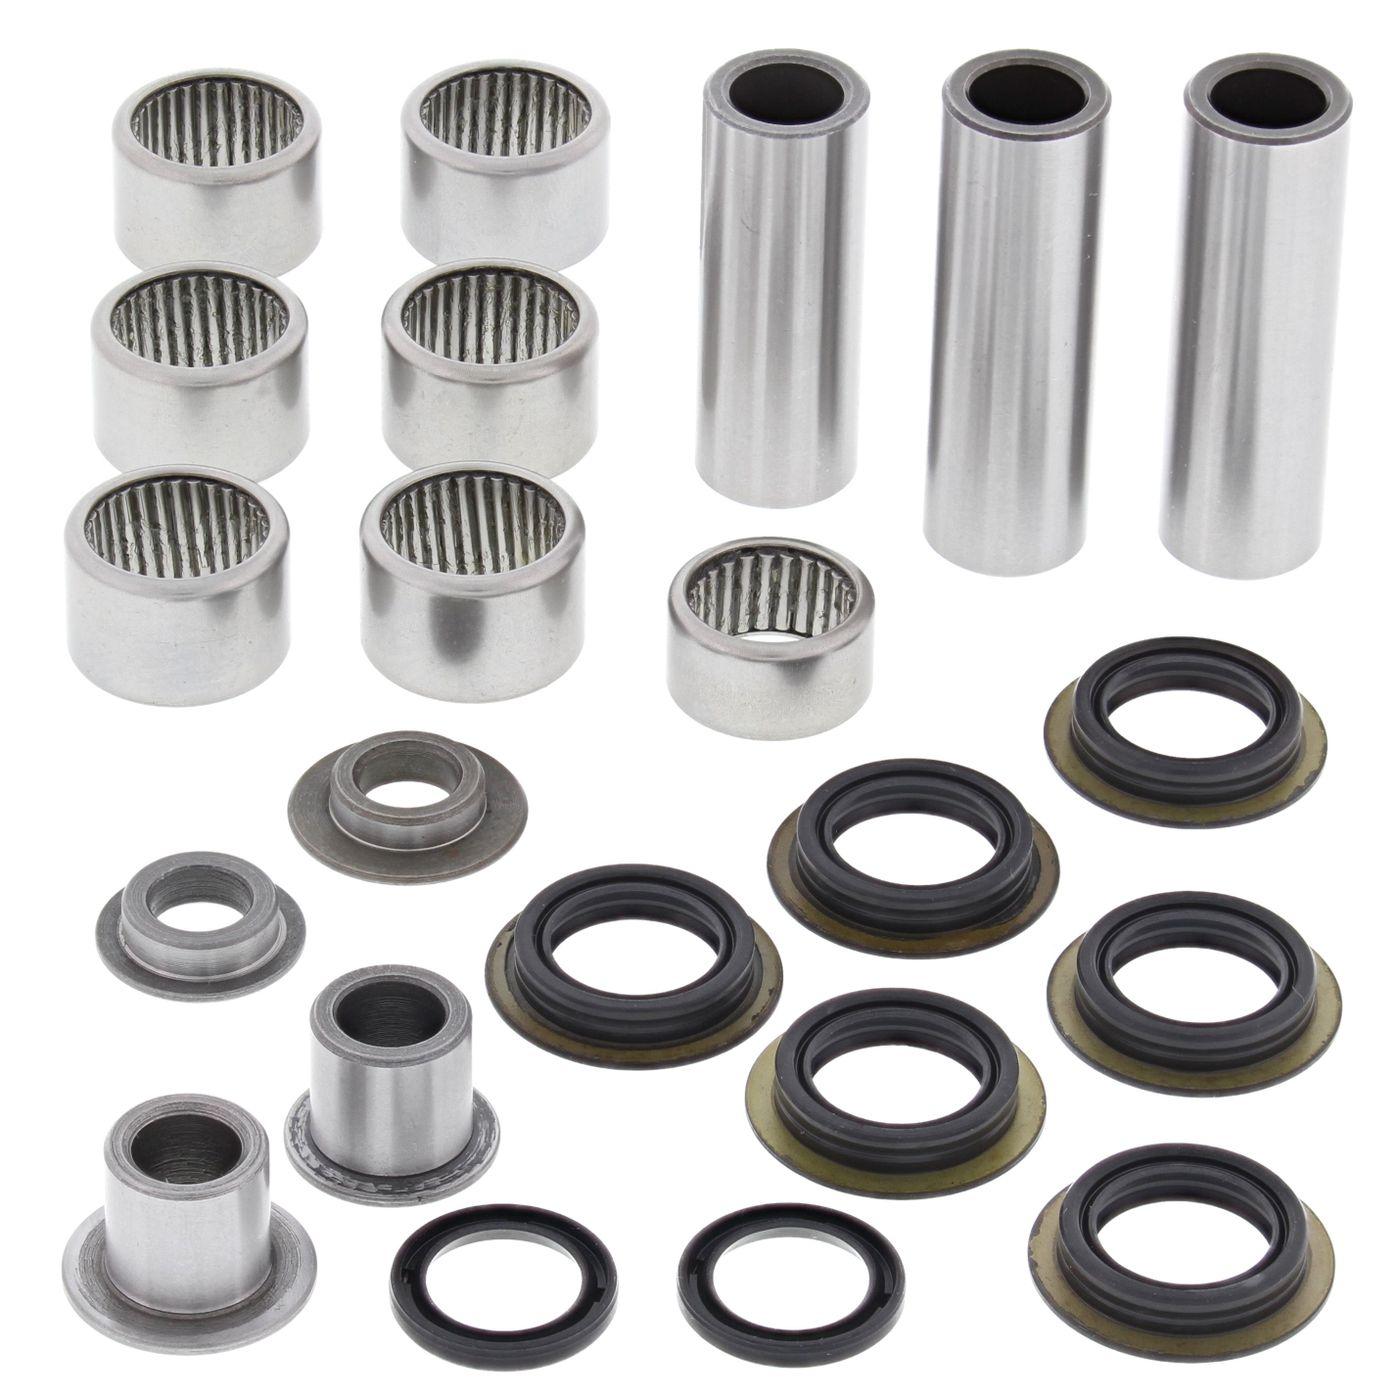 wrp shock linkage bearing kits - WRP271014 image